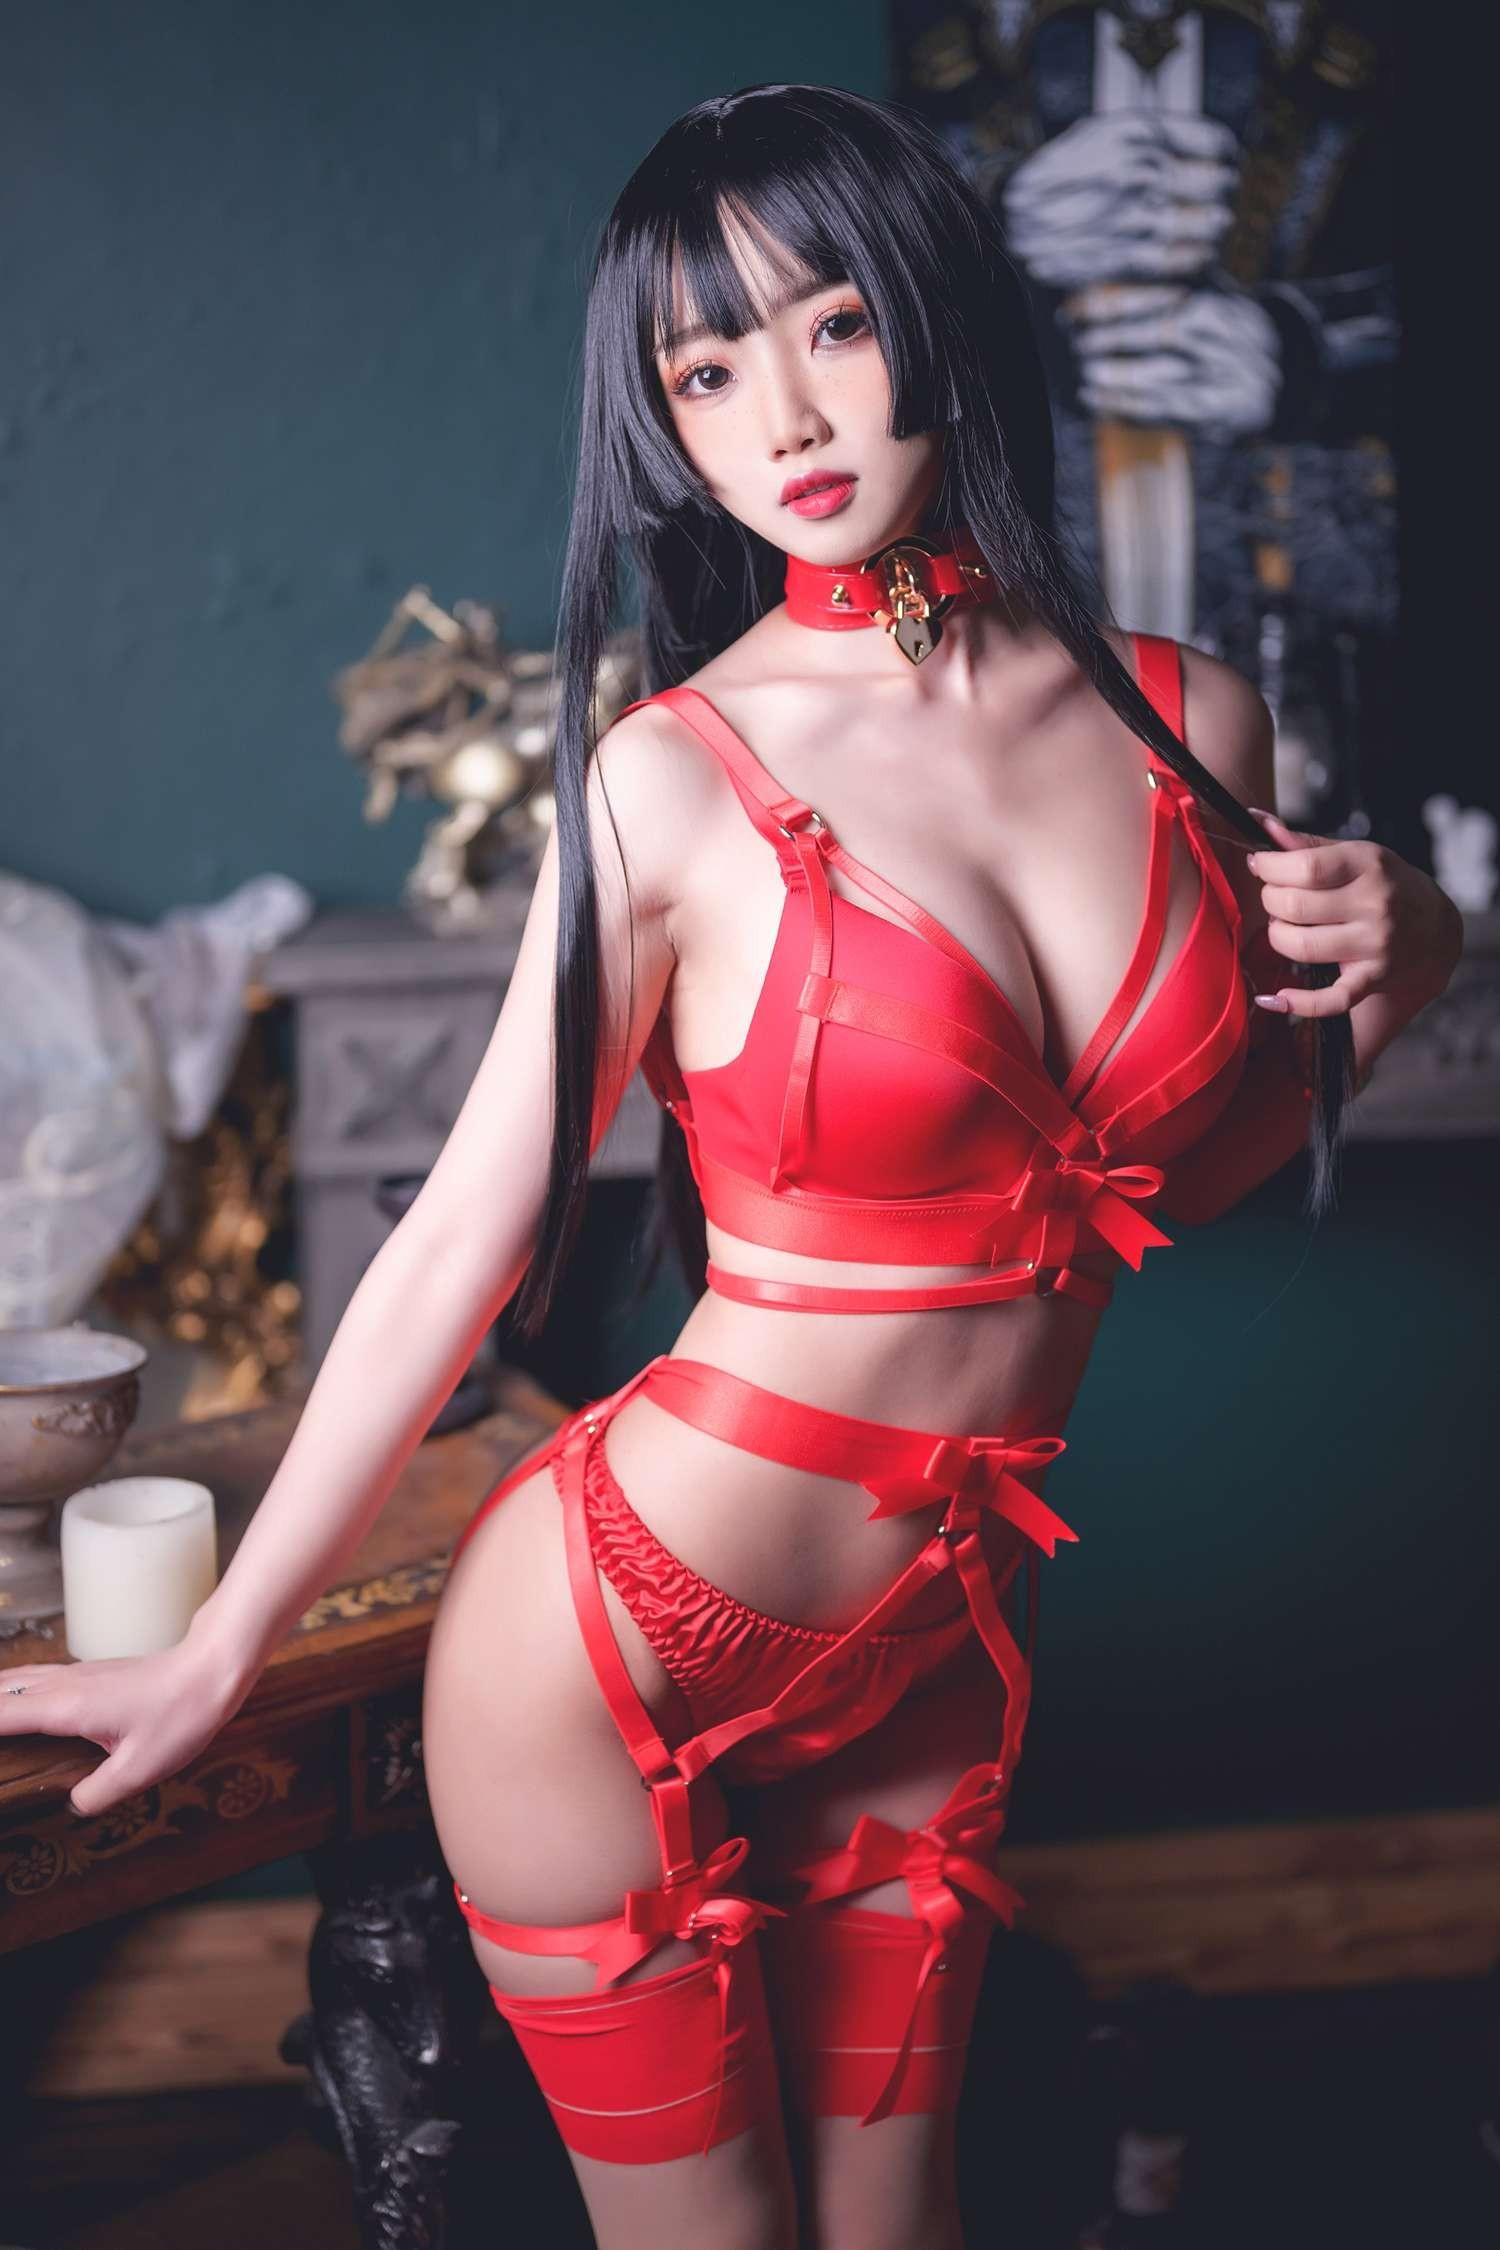 「鬼畜瑶在不在w」 红色束缚 #美少女日常写真 带mp4